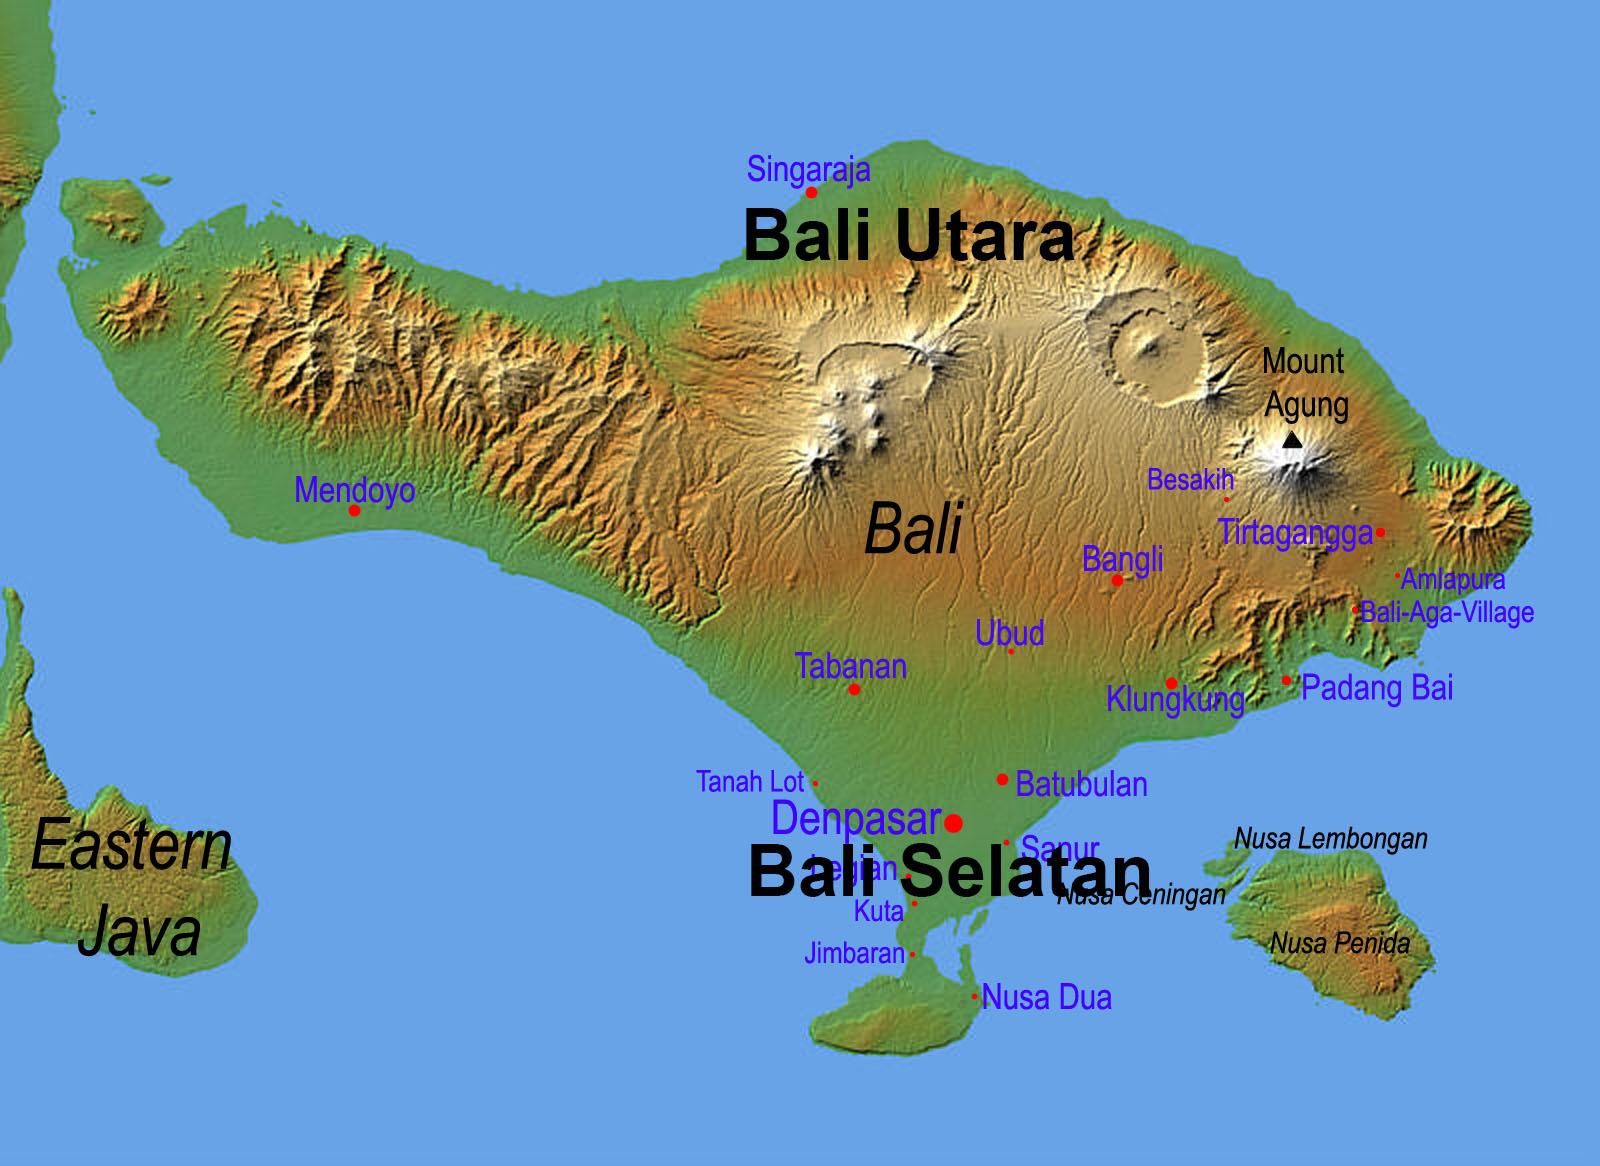 Perbedaan Tempat Wisata Bali Selatan Dan Bali Utara